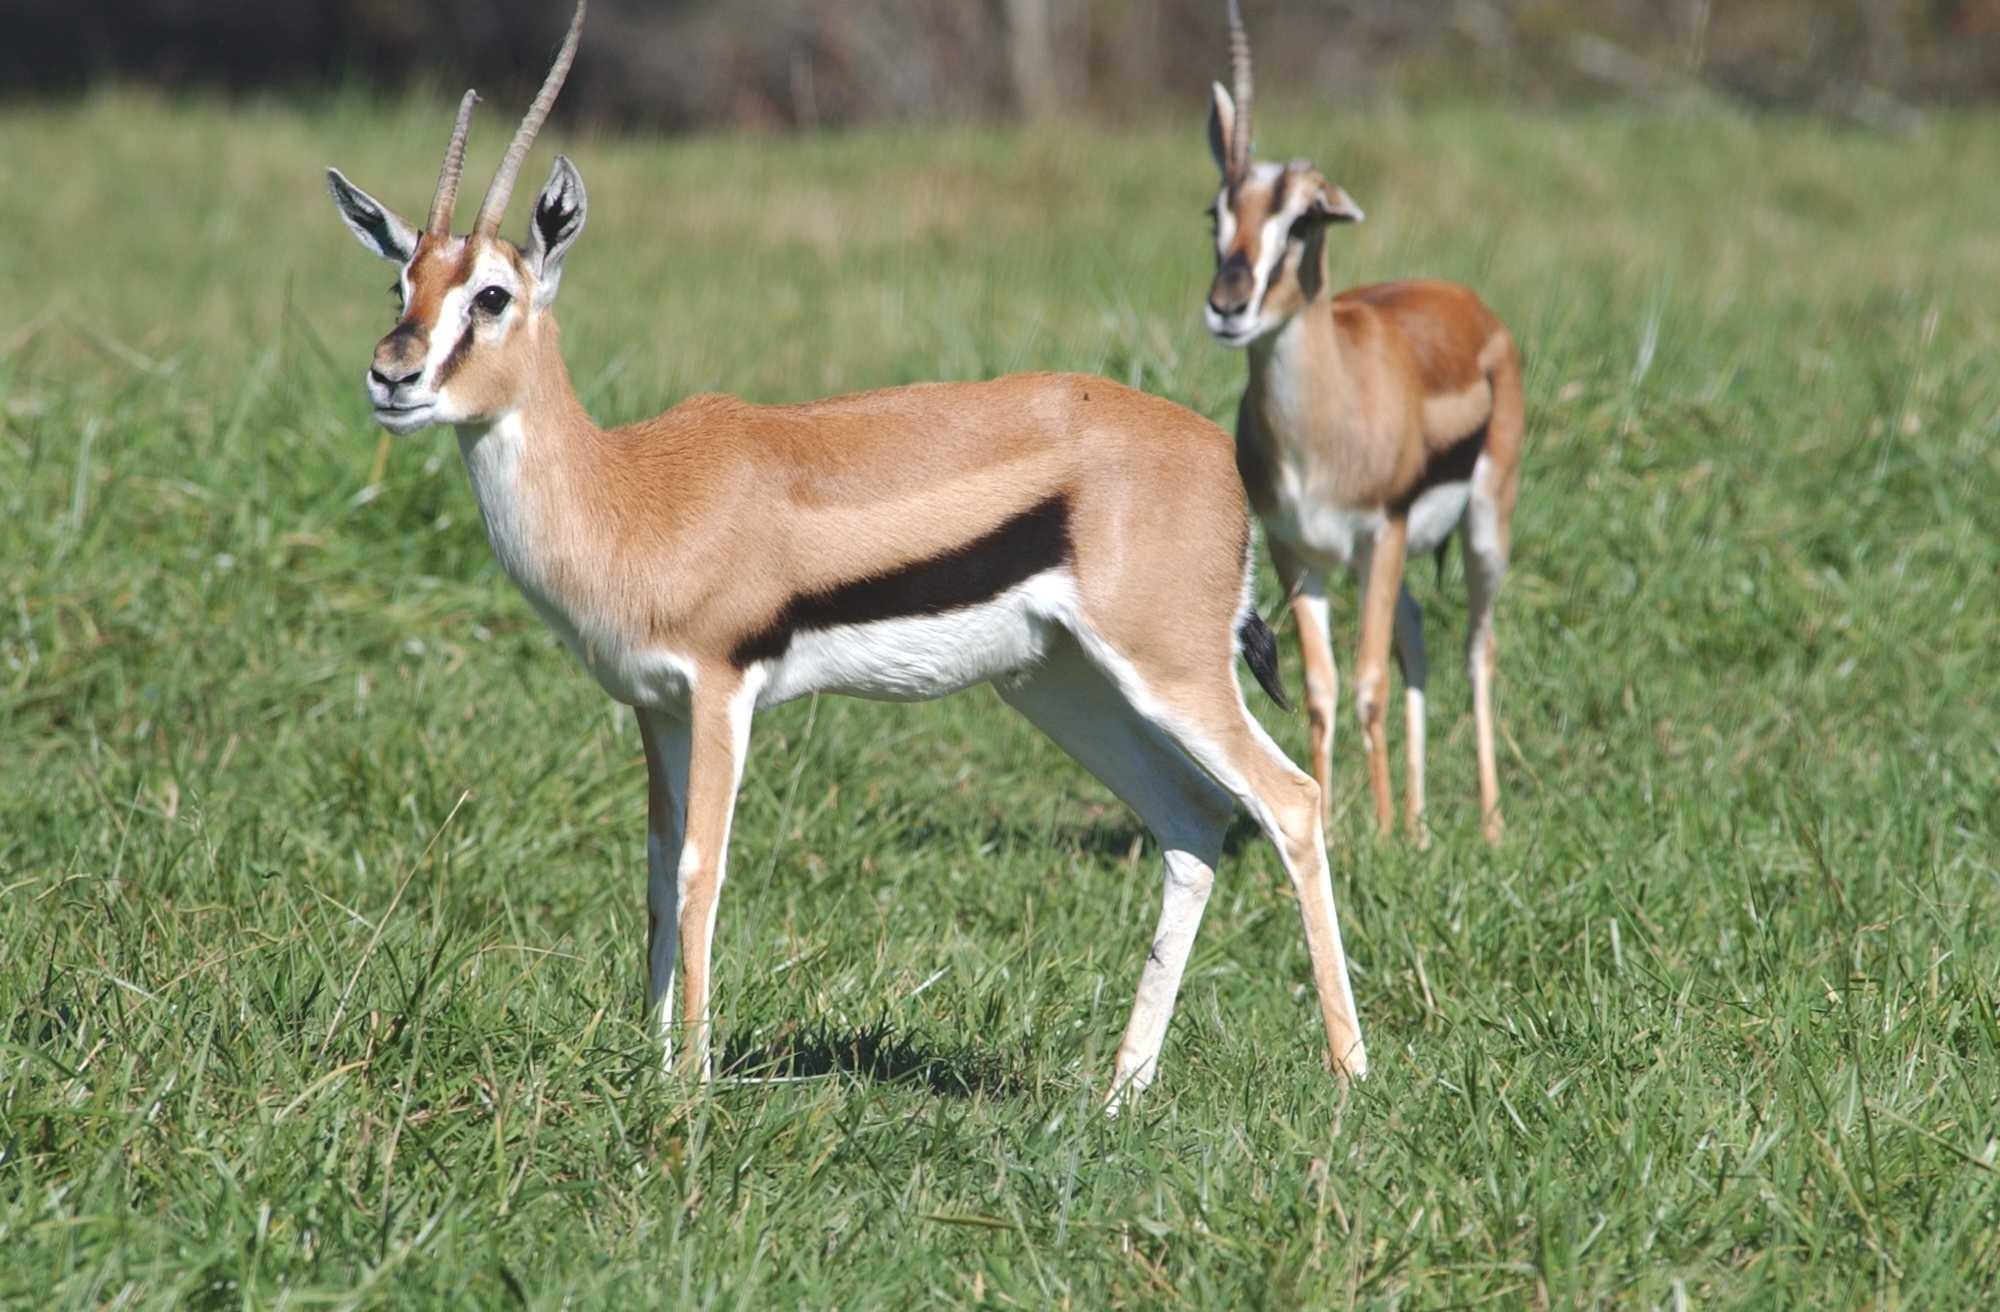 """Obrázek """"http://www.wildafrica.cz/images/animals/385_gazela-thomsonova.jpg"""" nelze zobrazit, protože obsahuje chyby."""